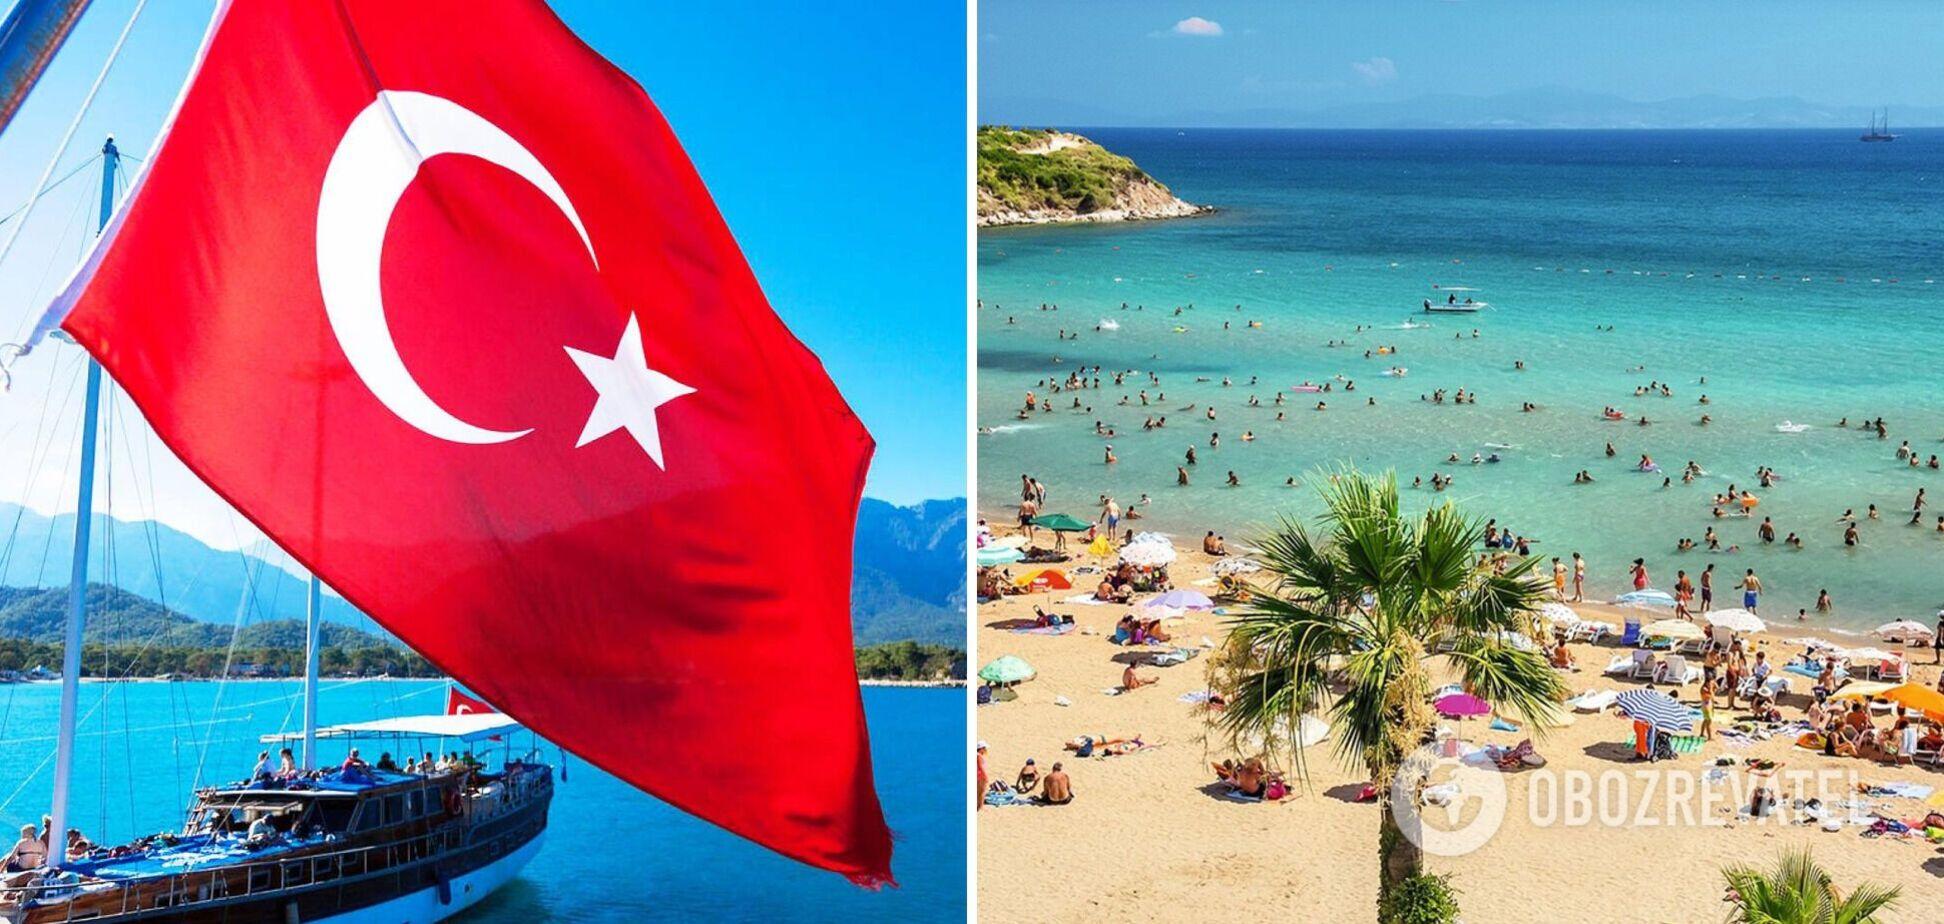 В Турции ужесточат правила для туристов: повторные тесты и тотальный контроль